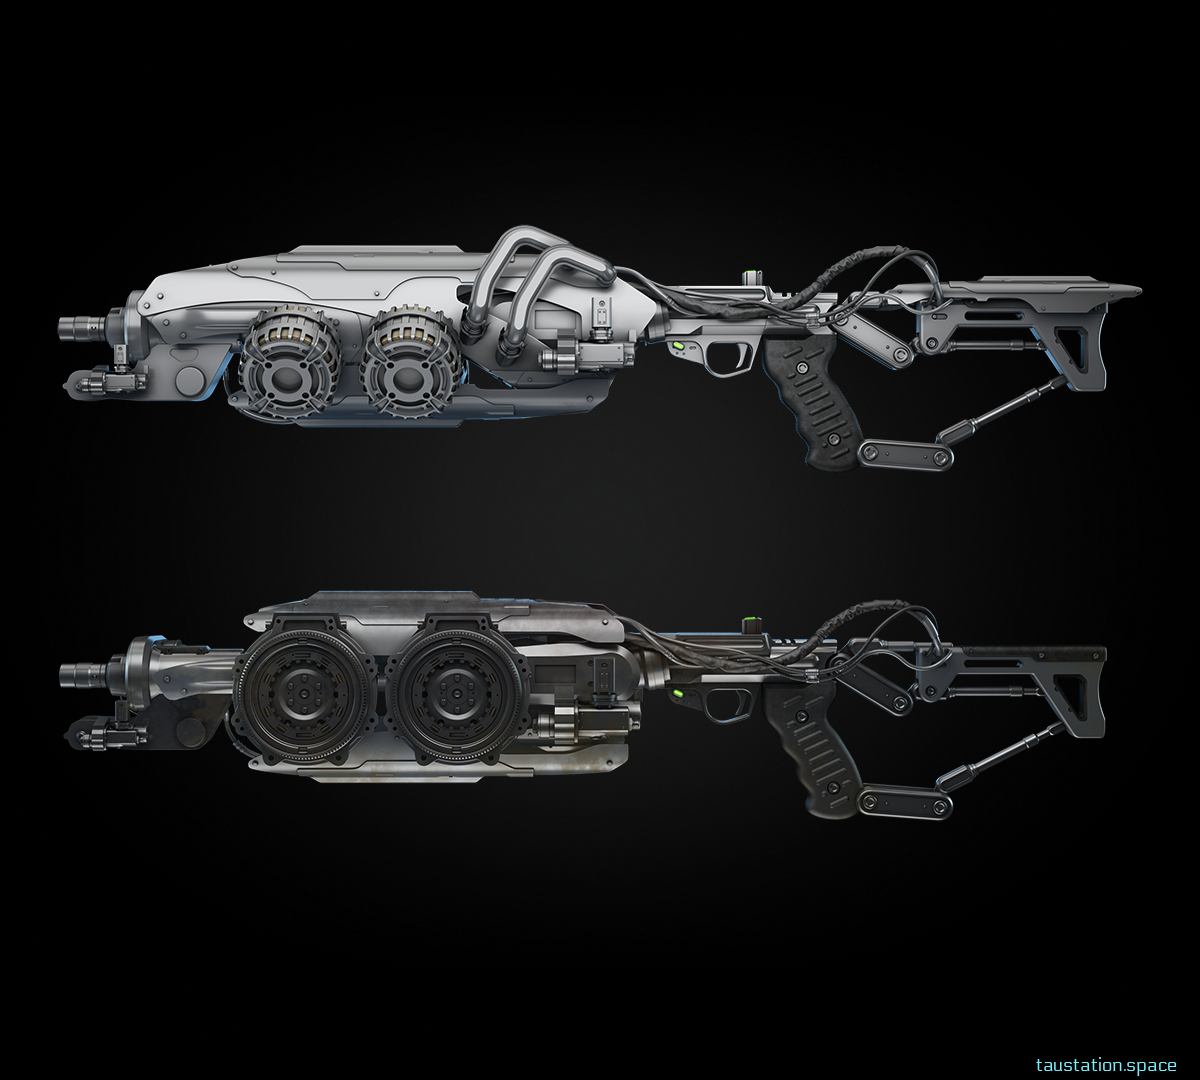 2 heavy energy weapons